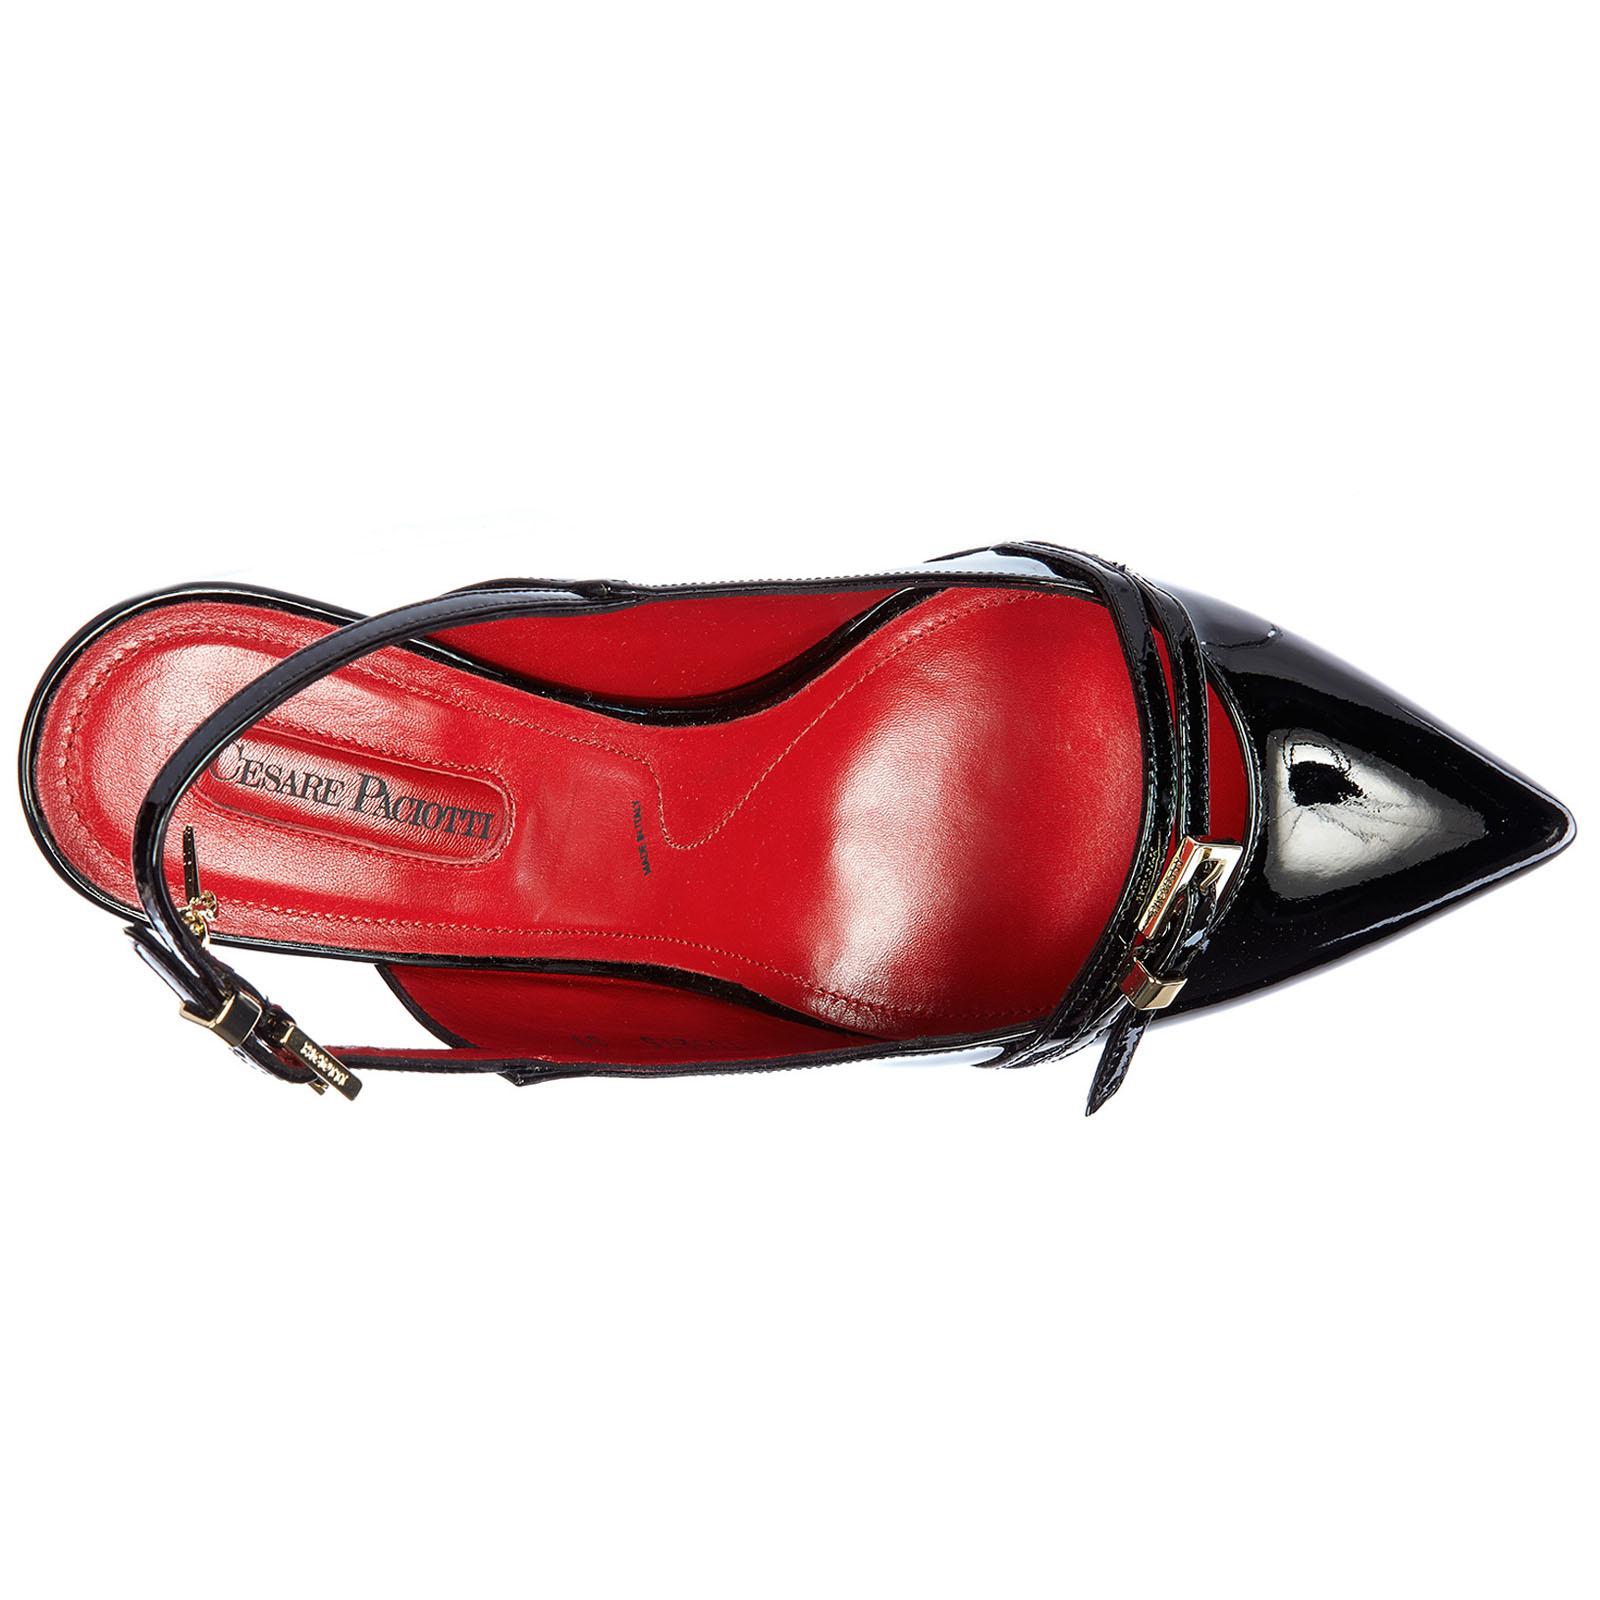 Damenschuhe leder pumps mit absatz high heels vernice luce